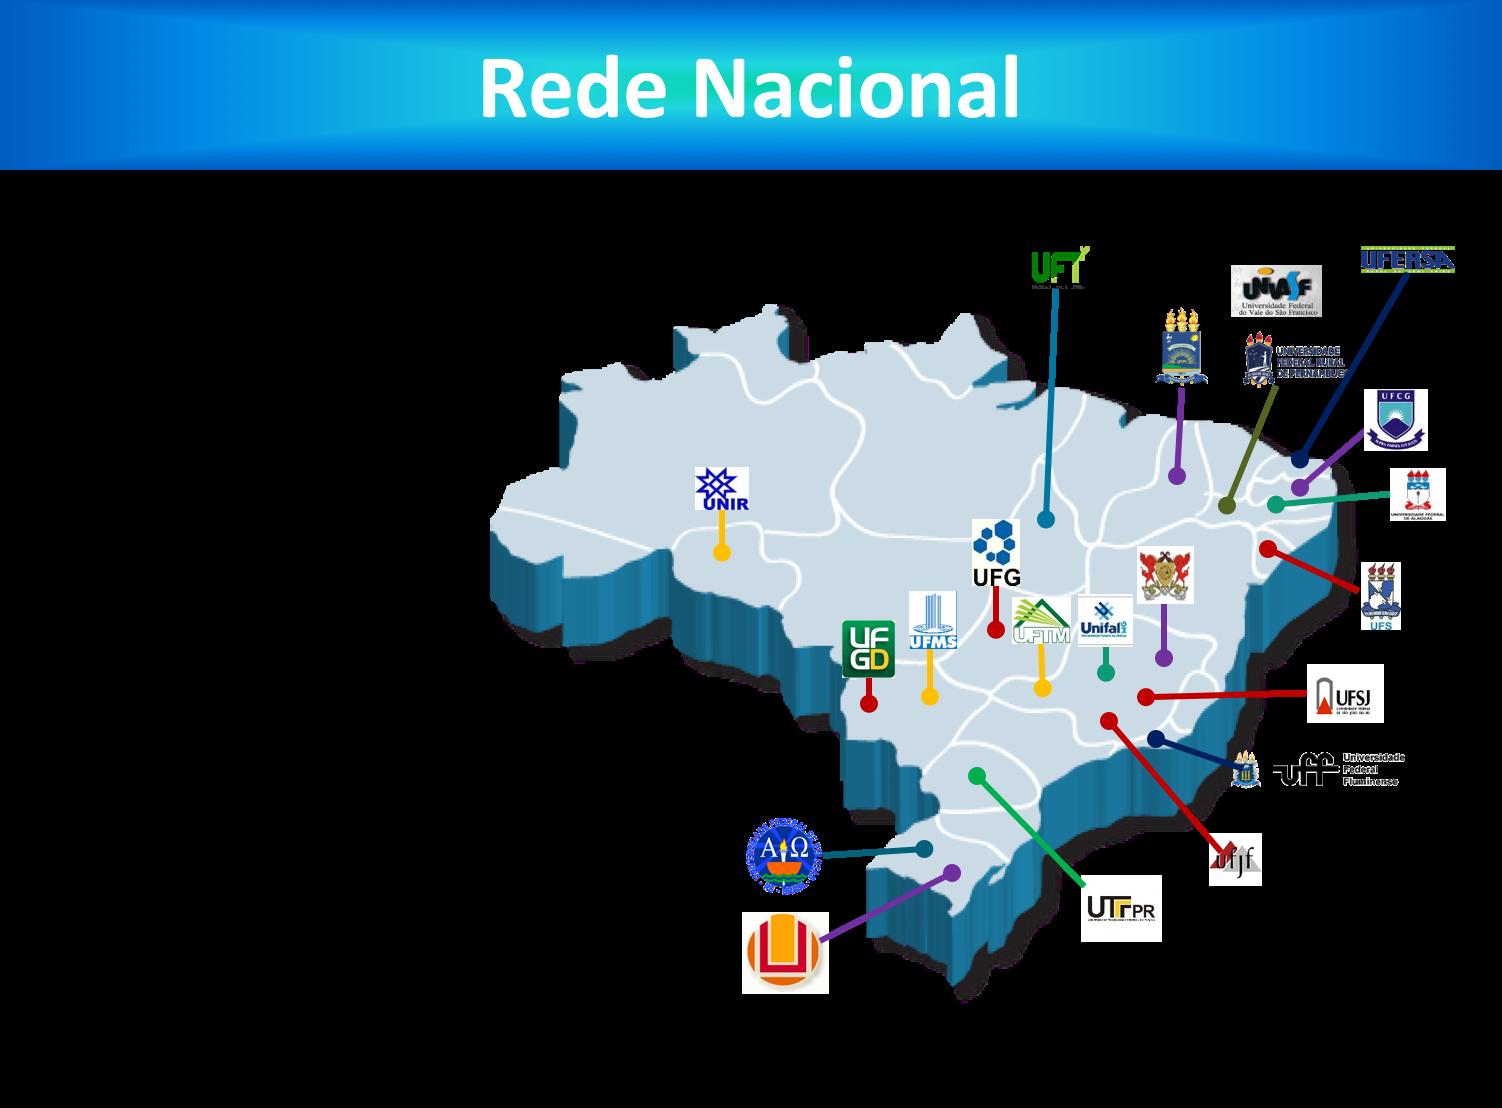 Mapa da distribuição da Rede Nacional